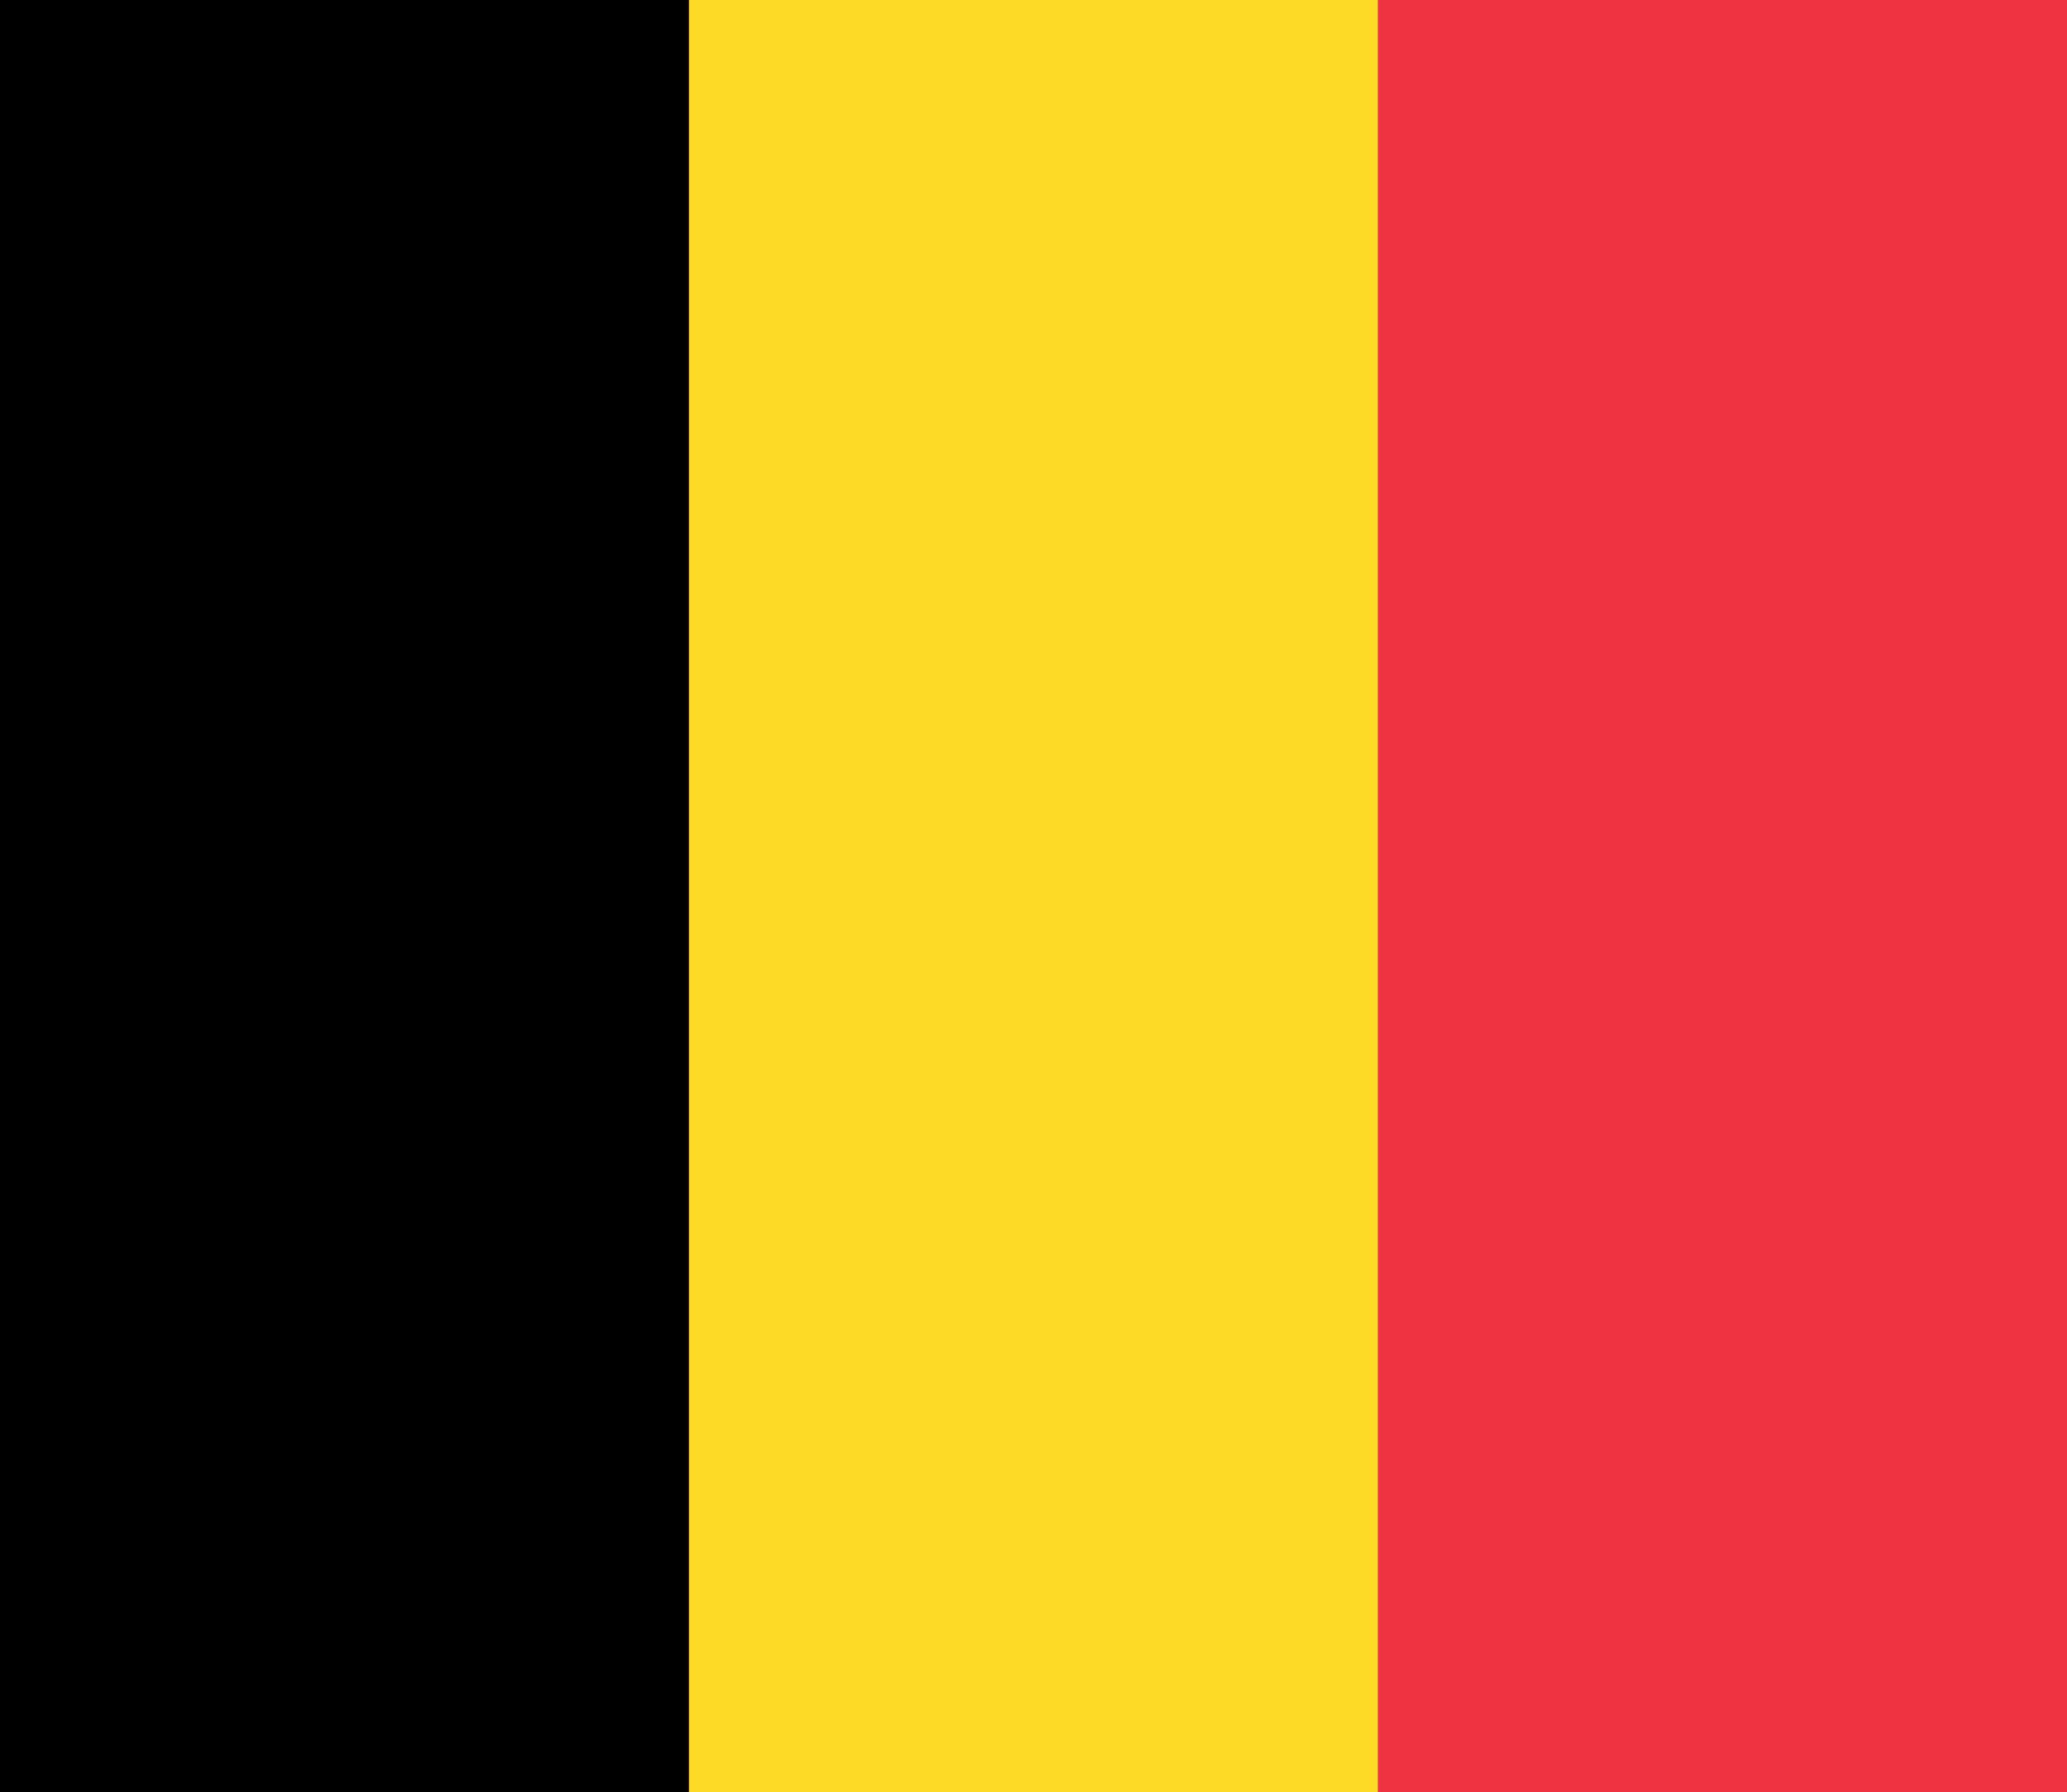 Also, the vertical design based on the france' flag. Flag of Belgium 🇧🇪 - Flagpedia.net